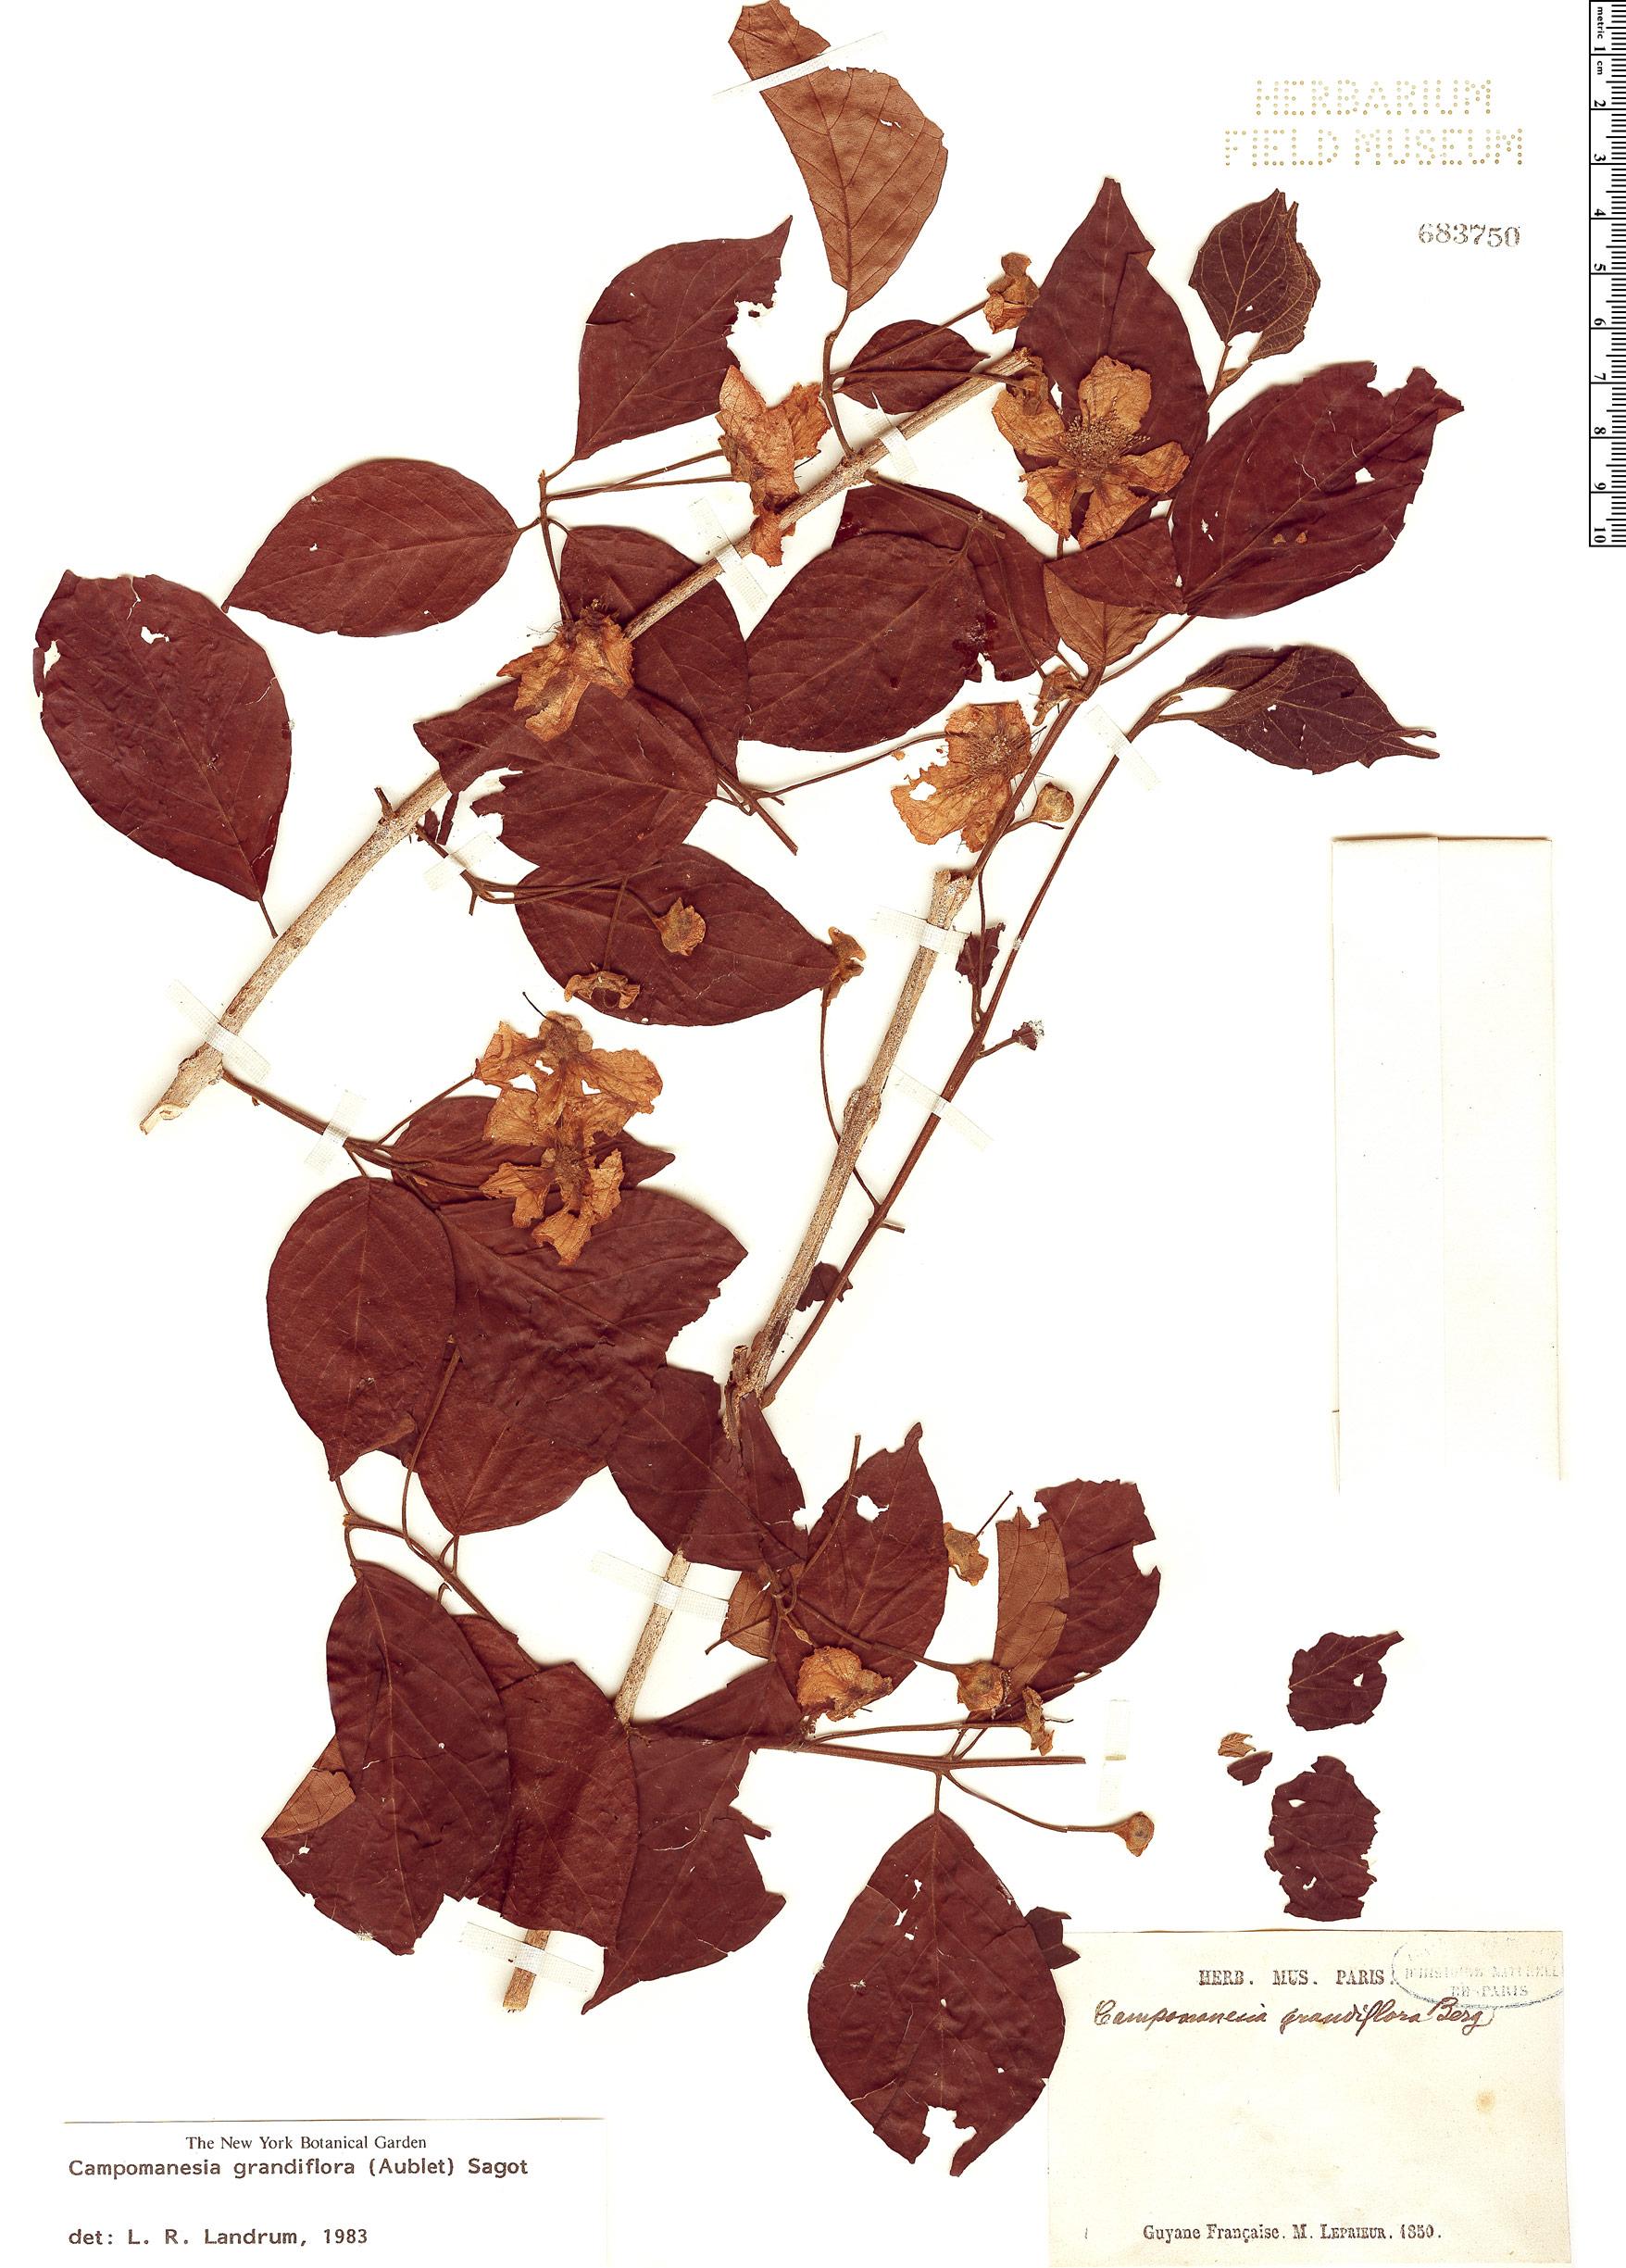 Specimen: Campomanesia grandiflora